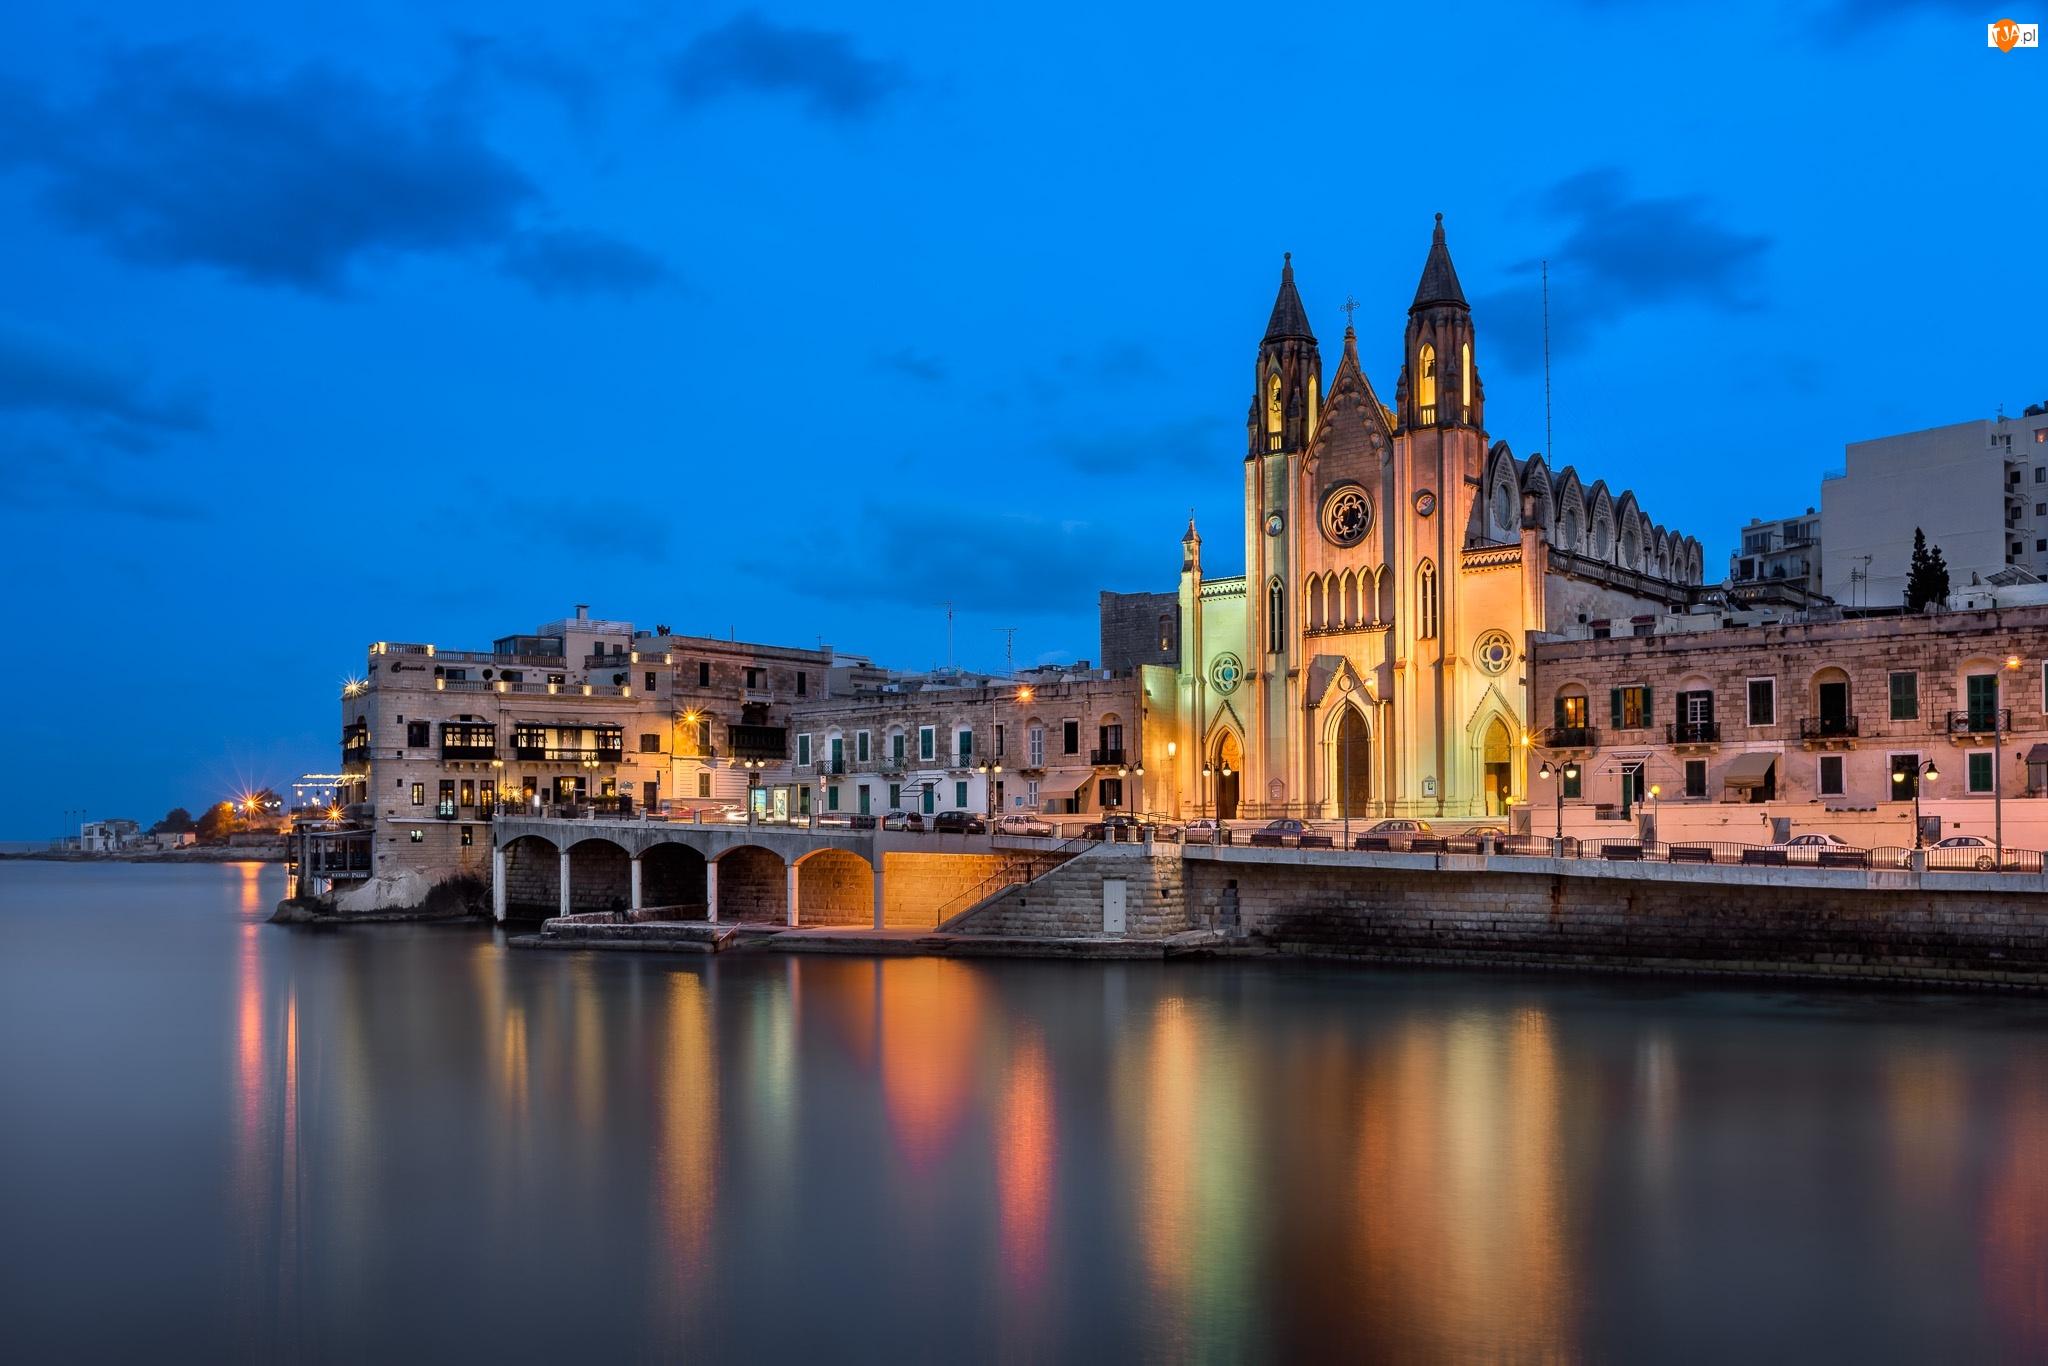 Kościół Karmelitów, Światła, Malta, Zatoka Balluta Bay, Saint Julians, Kościół parafialny pw. Najświętszej Marii Panny z Góry Karmel